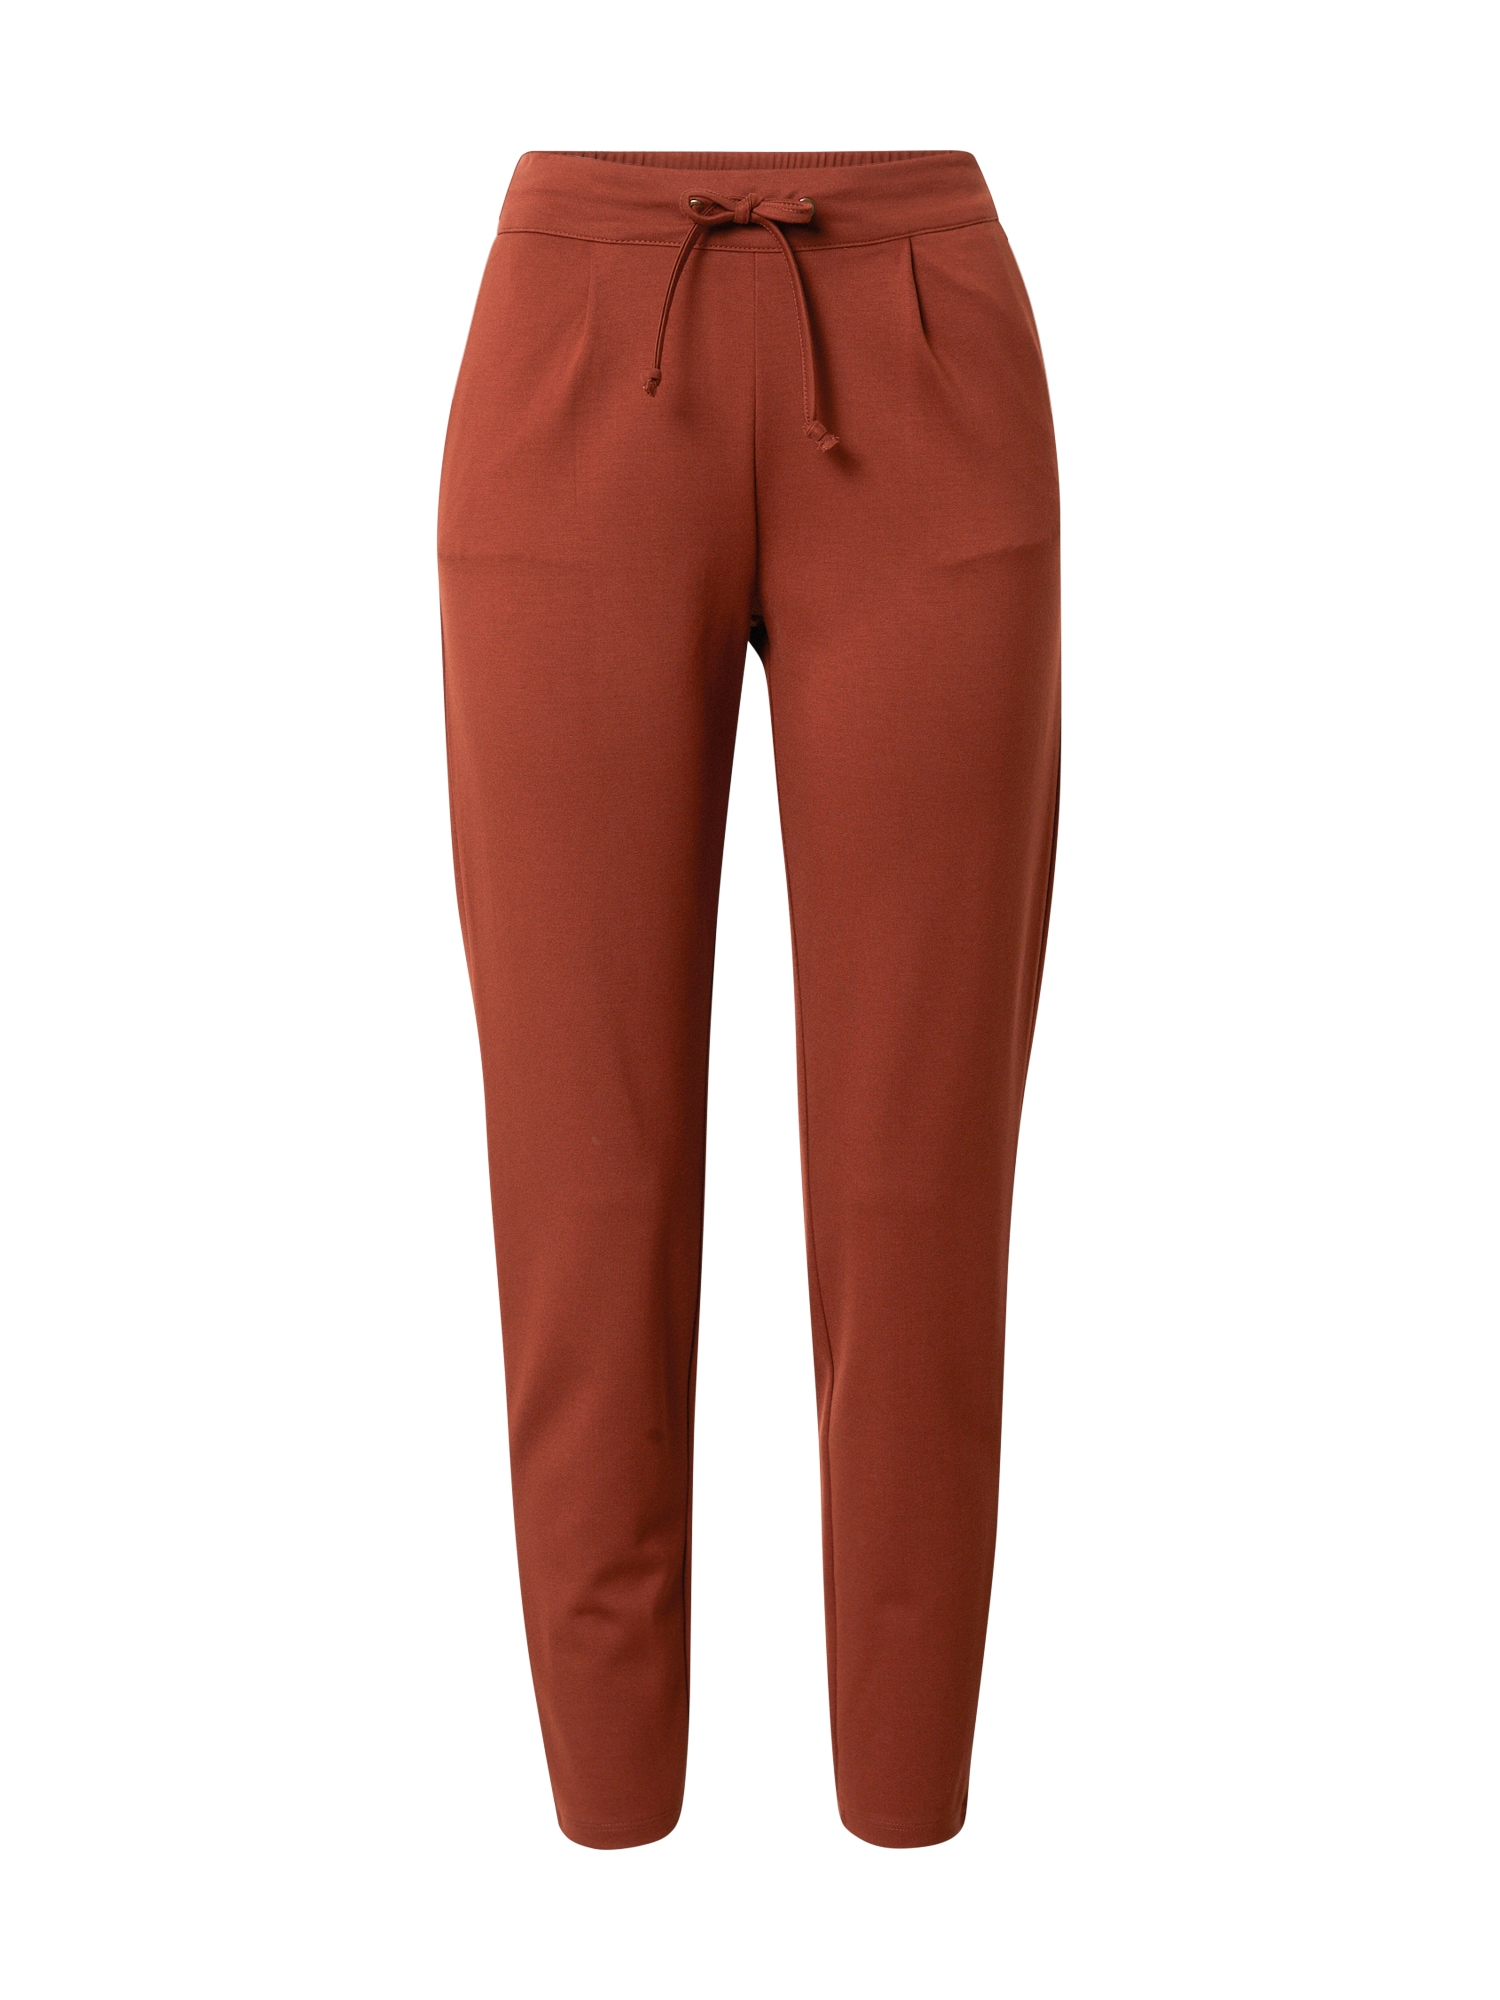 JACQUELINE de YONG Plisované nohavice 'Pretty'  gaštanová / oranžovo červená / hnedá